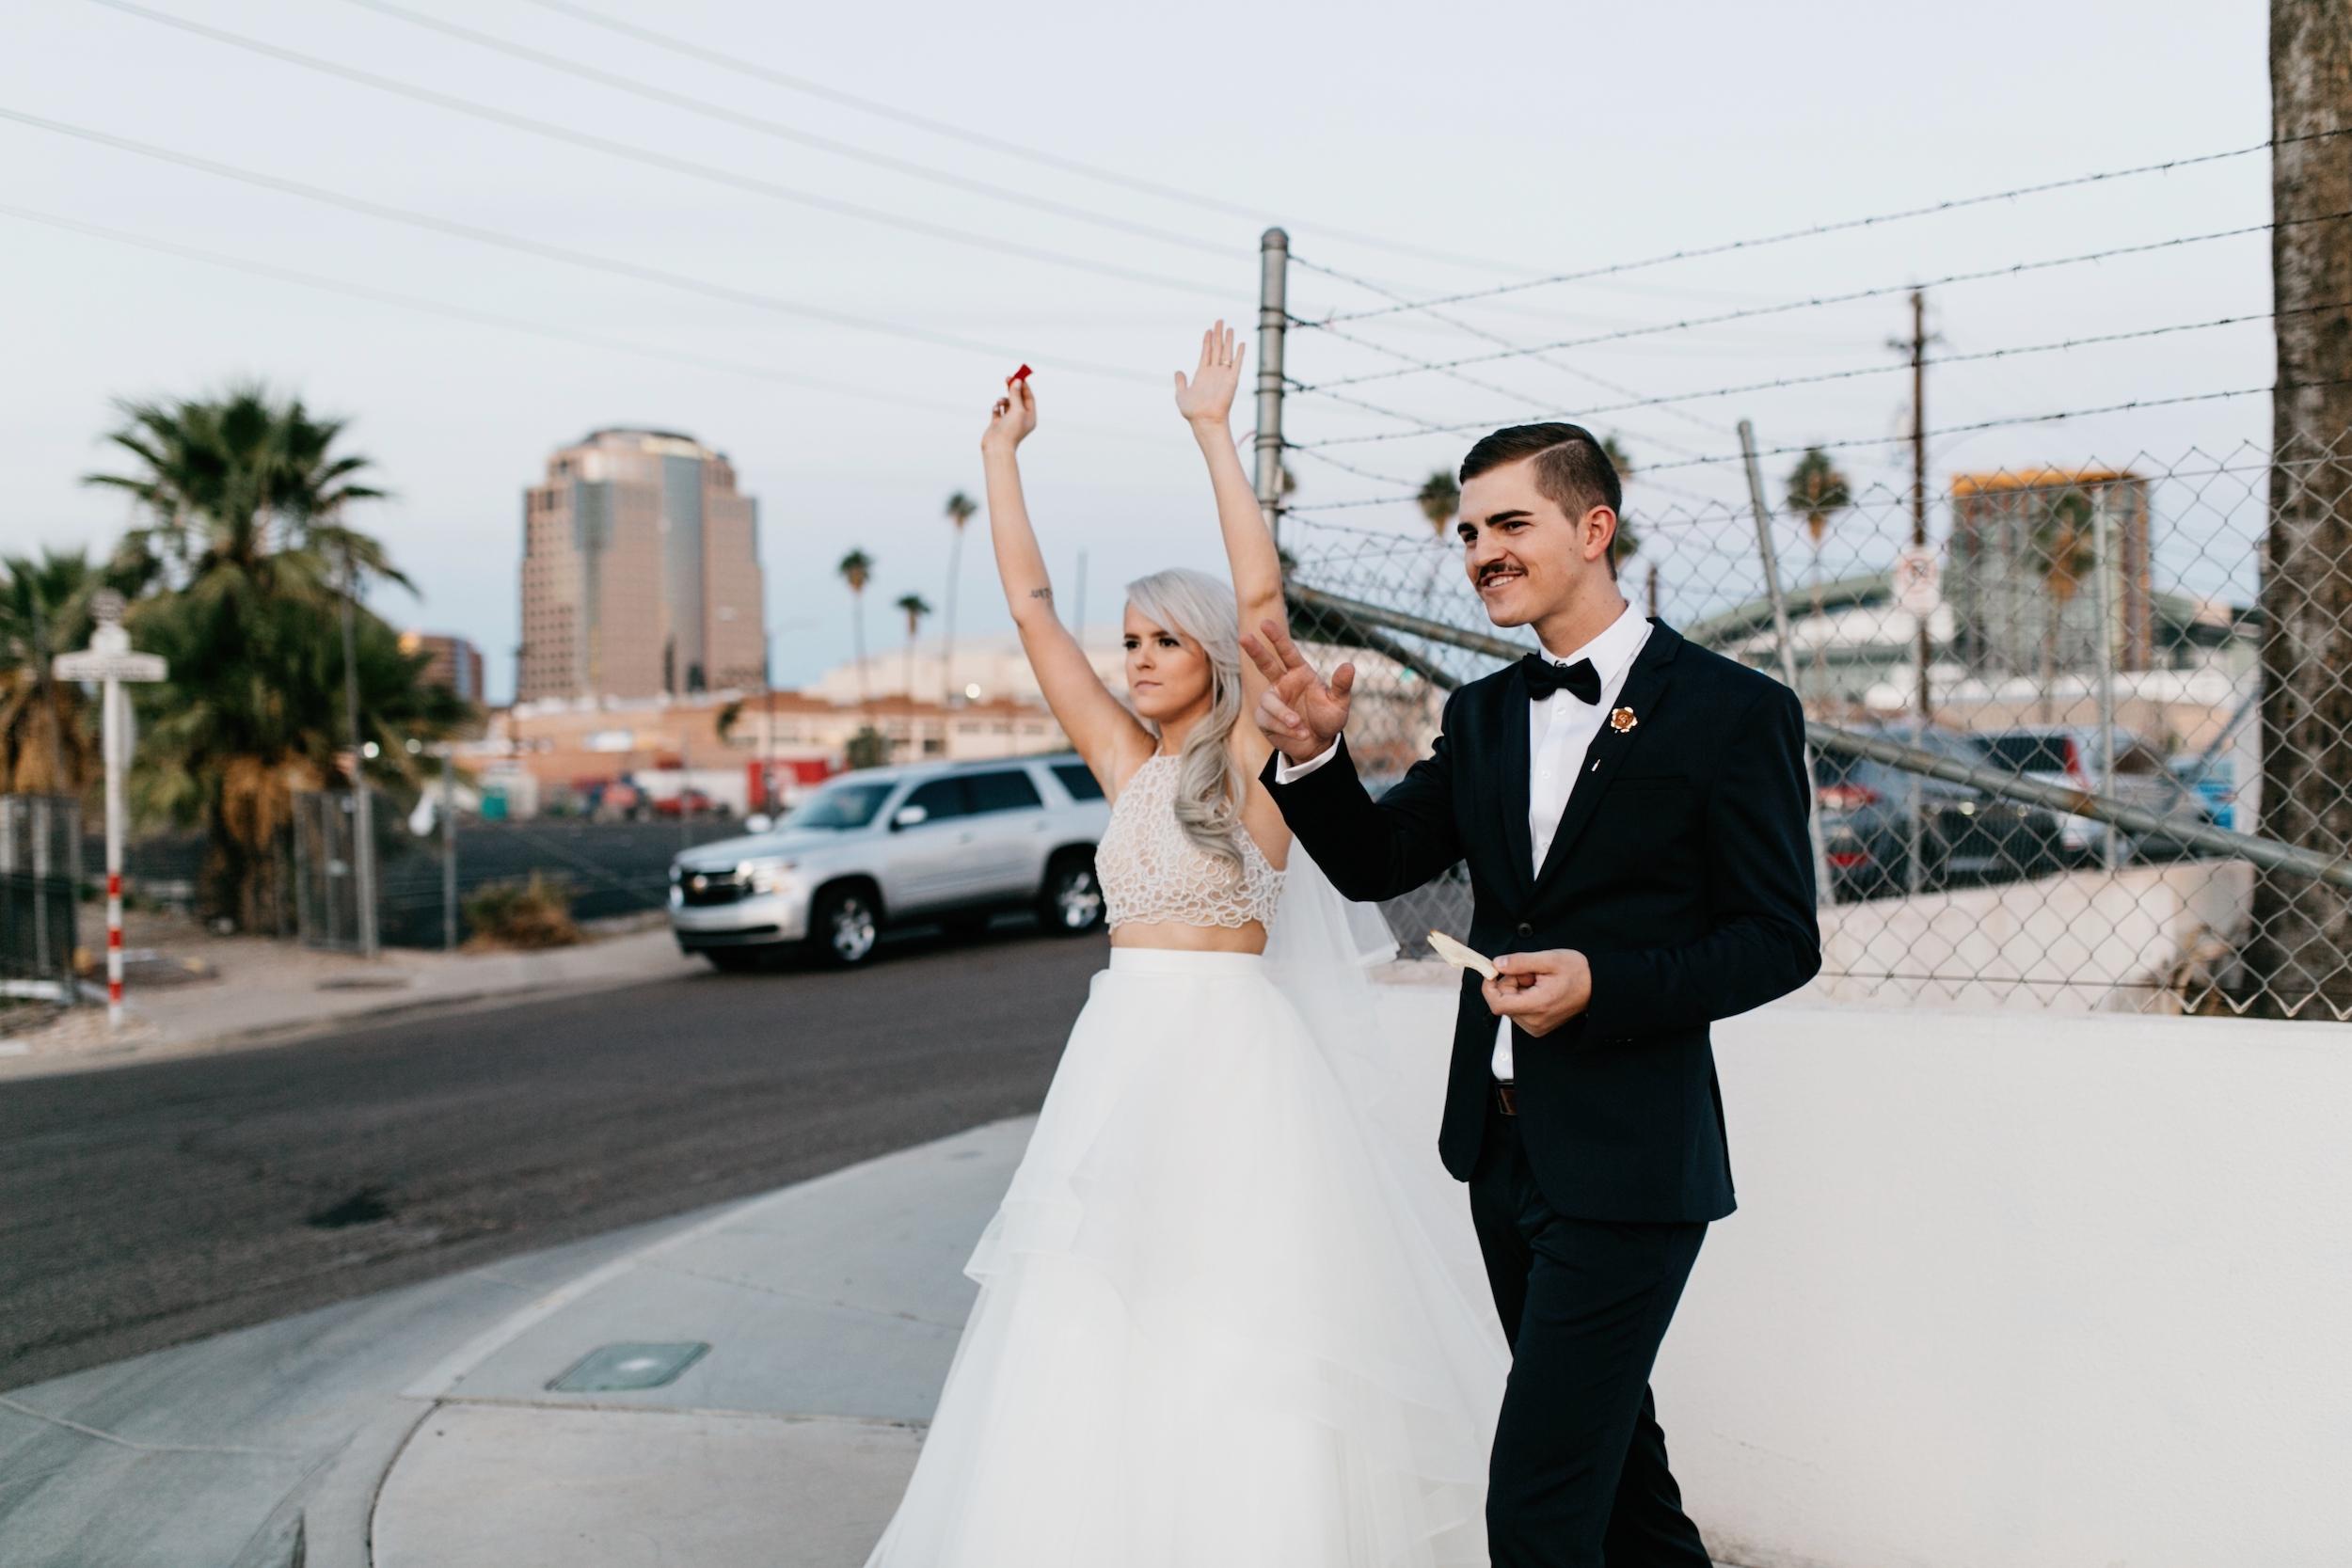 arizona - wedding - photography 01683.jpg